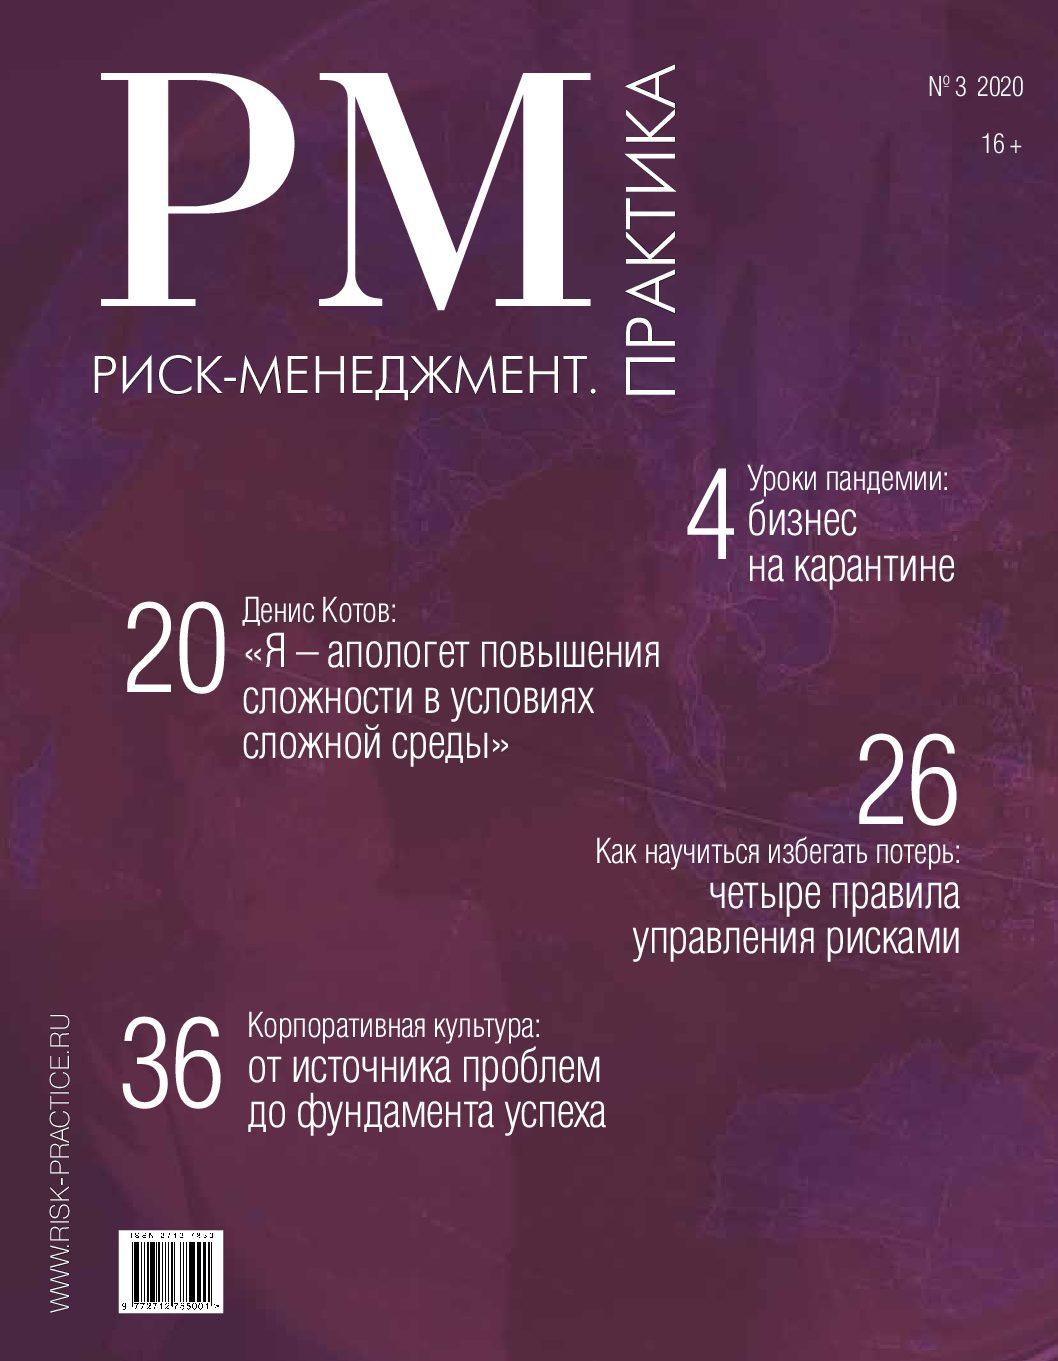 «Риск-менеджмент. Практика» номер 2020 № 3